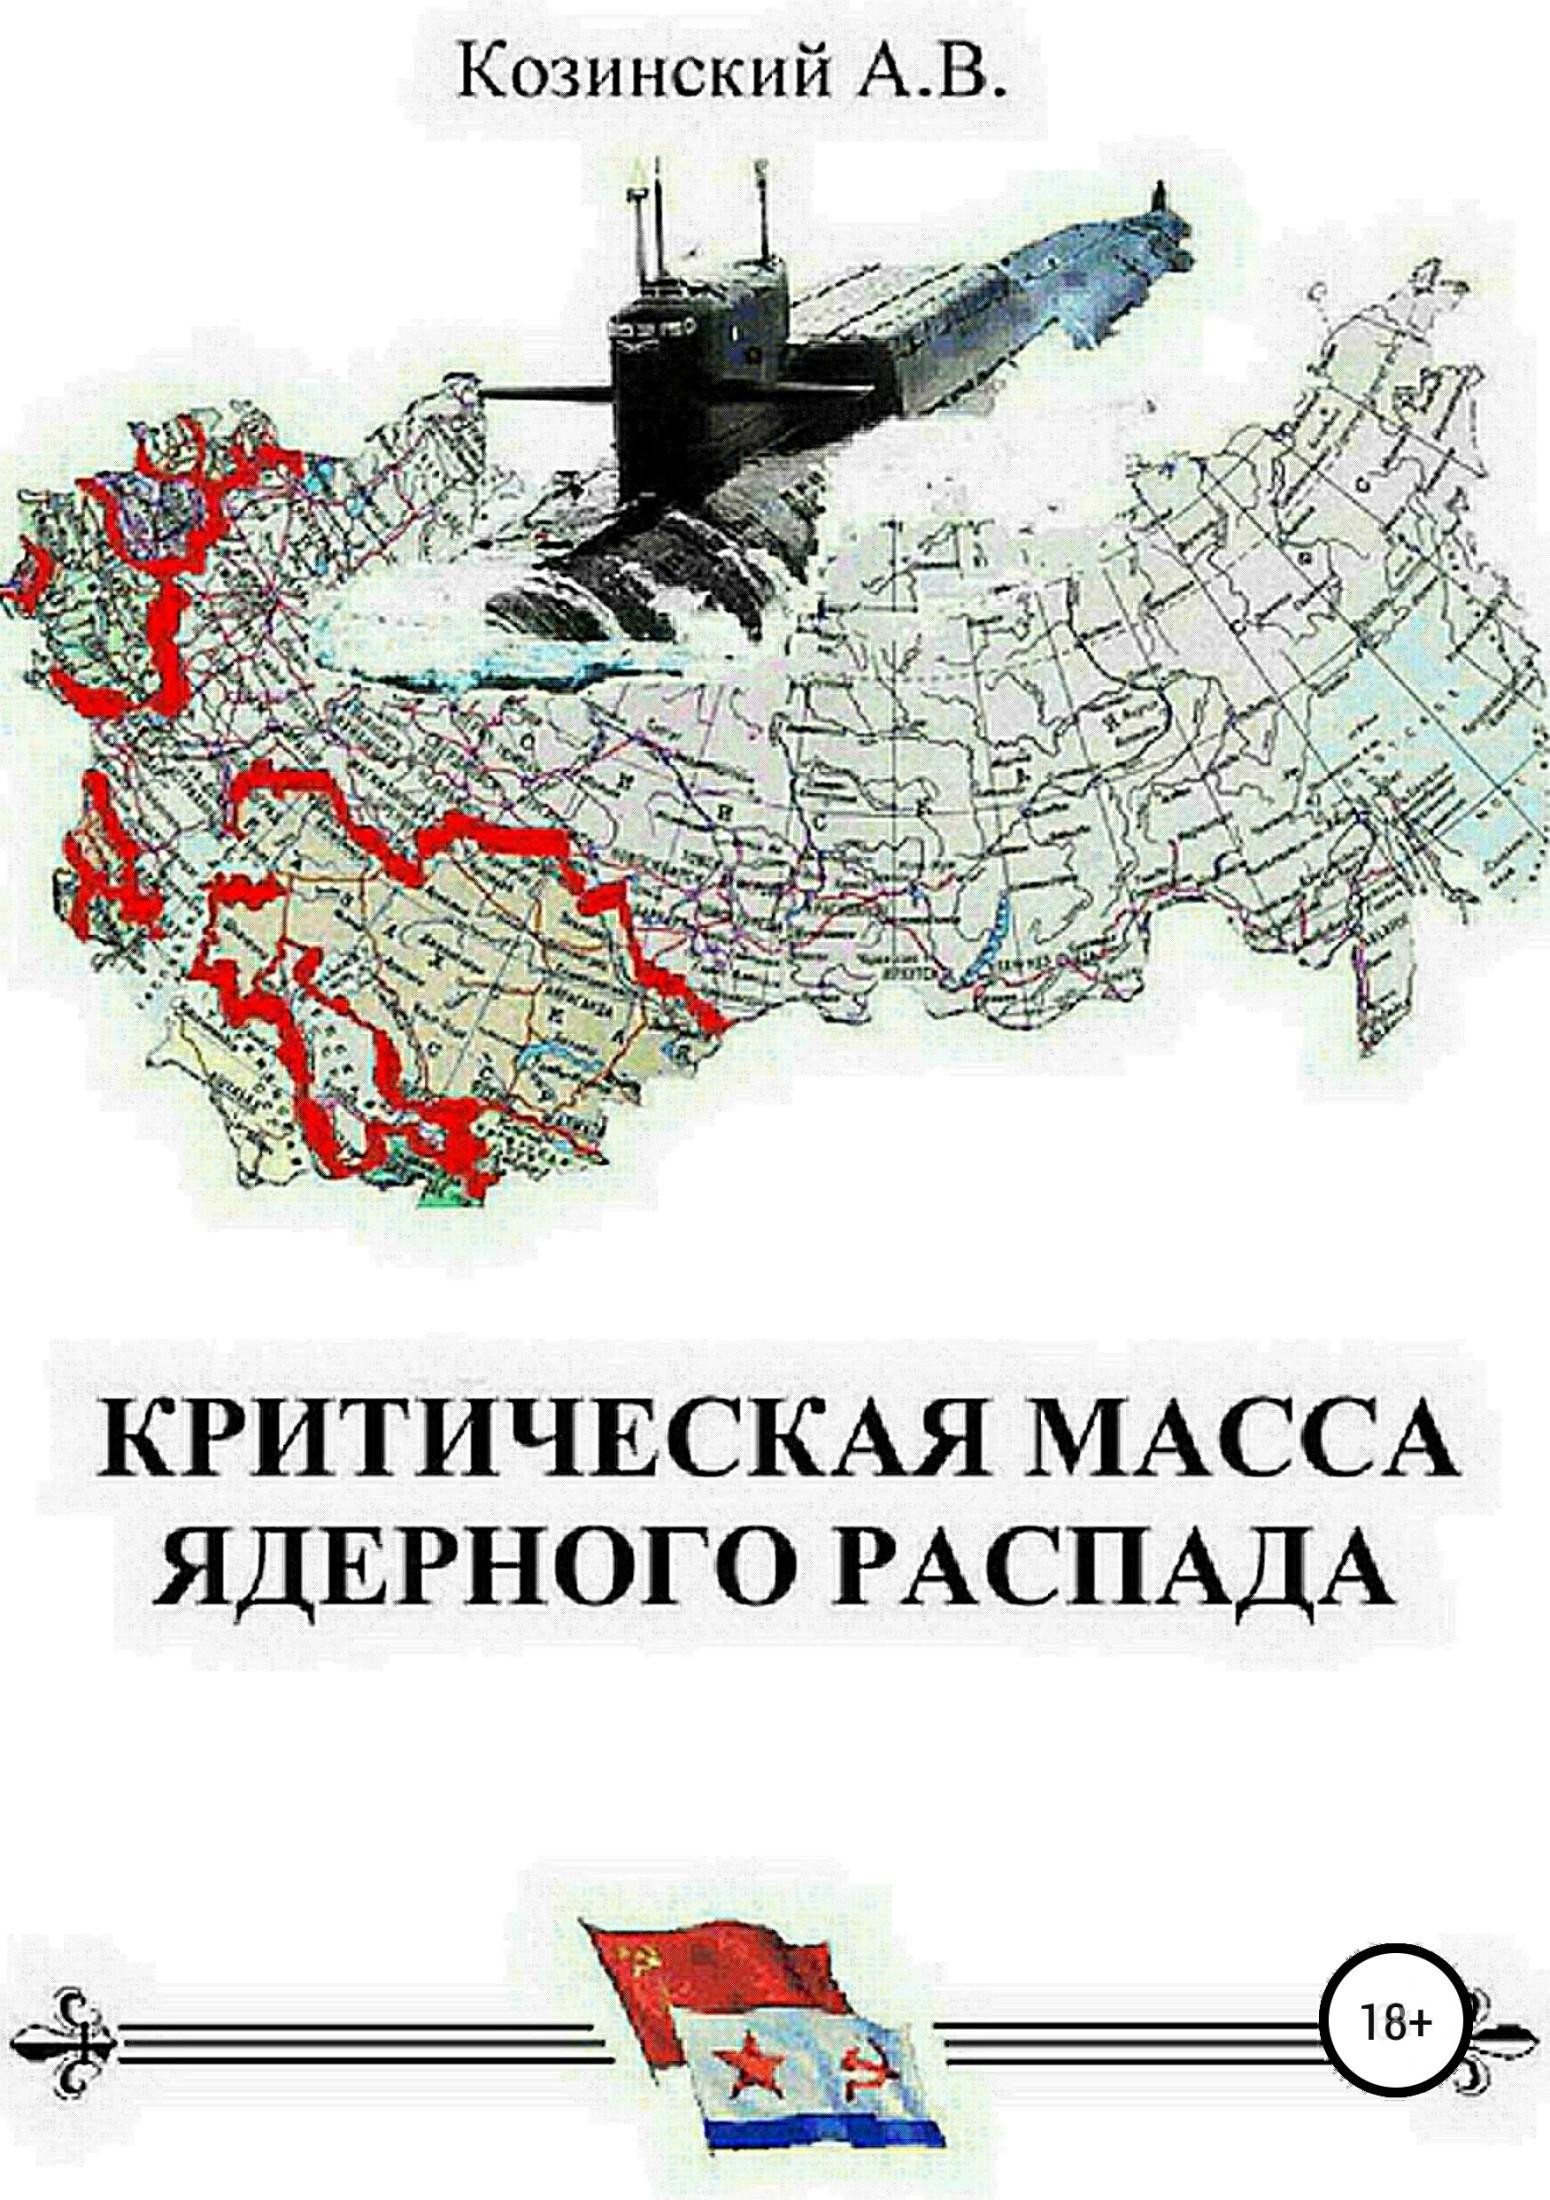 Анатолий Козинский - Критическая масса ядерного распада. Книга первая. Гардемарины подводного плавания